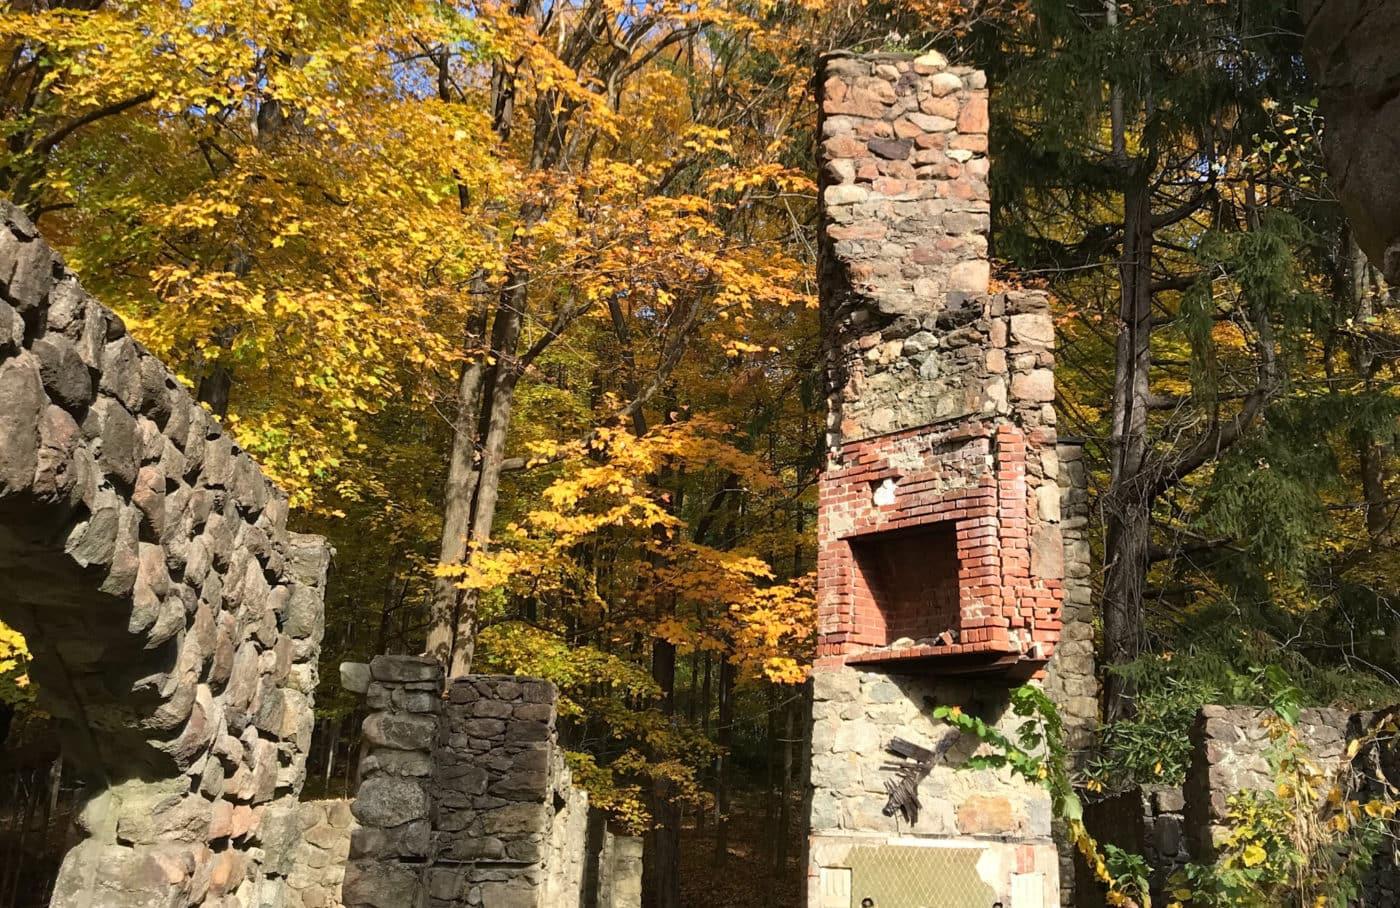 Cornish Estate Ruins